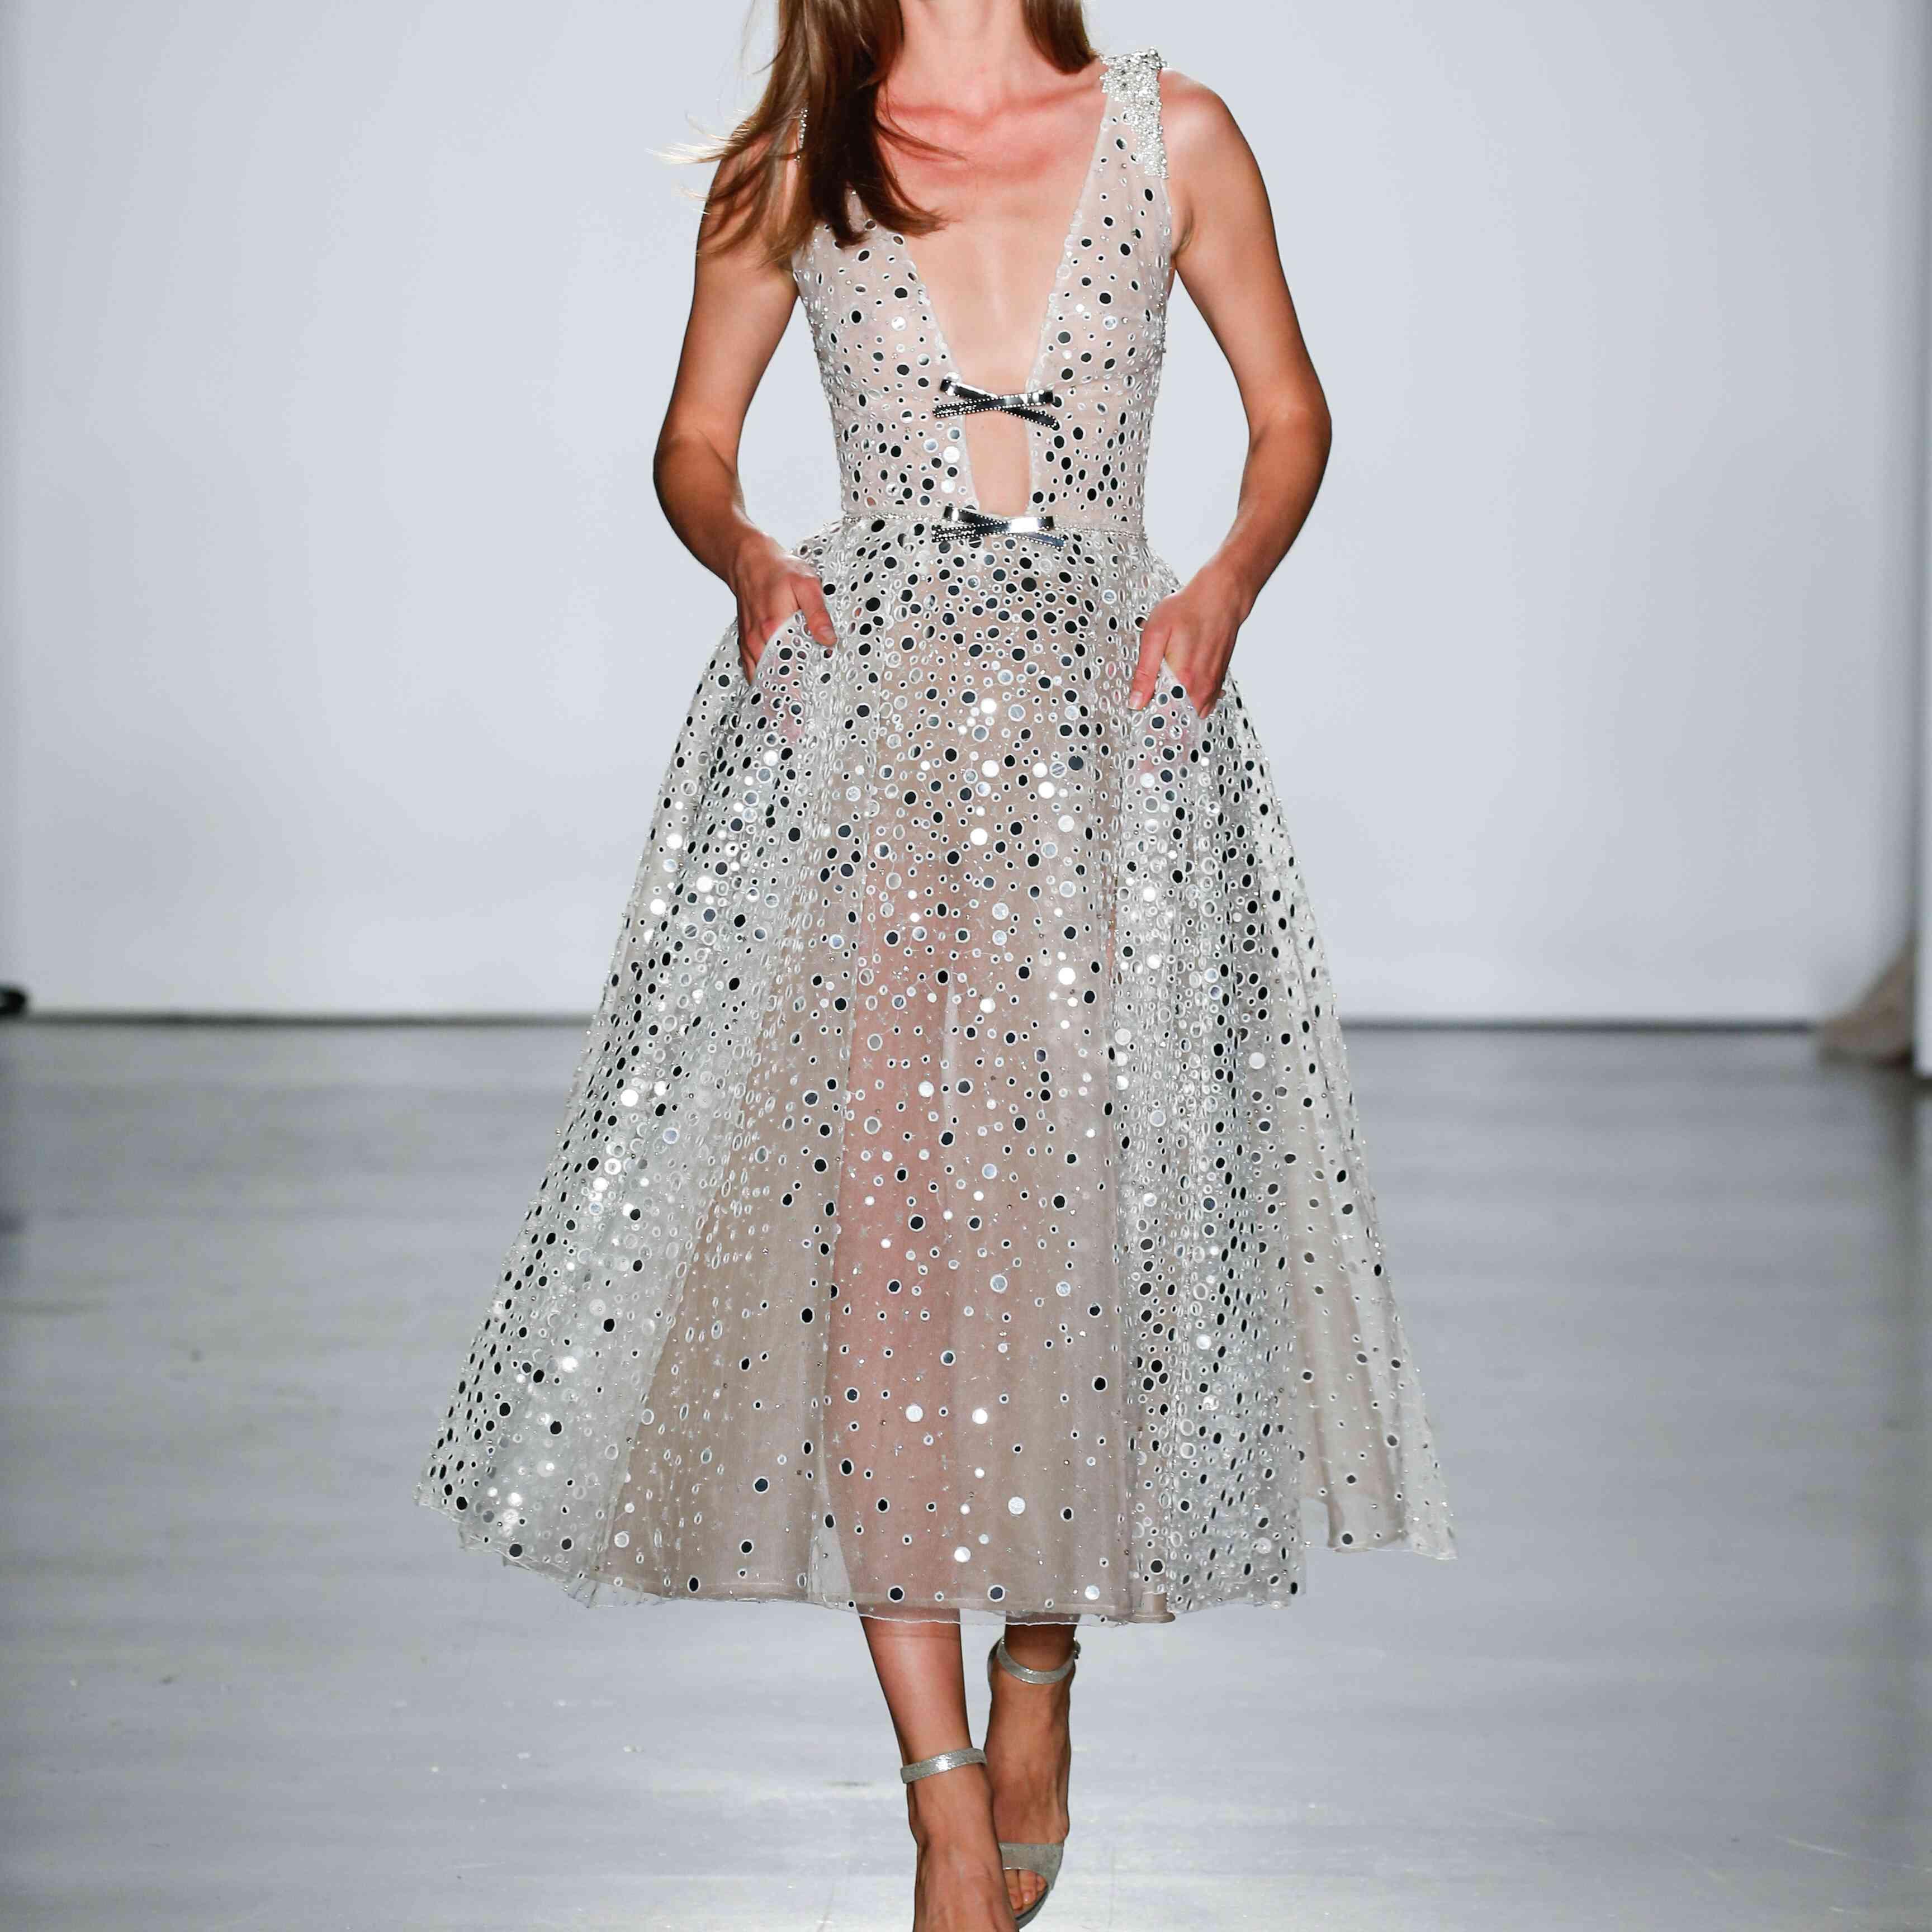 Model in tea-length embellished wedding dress